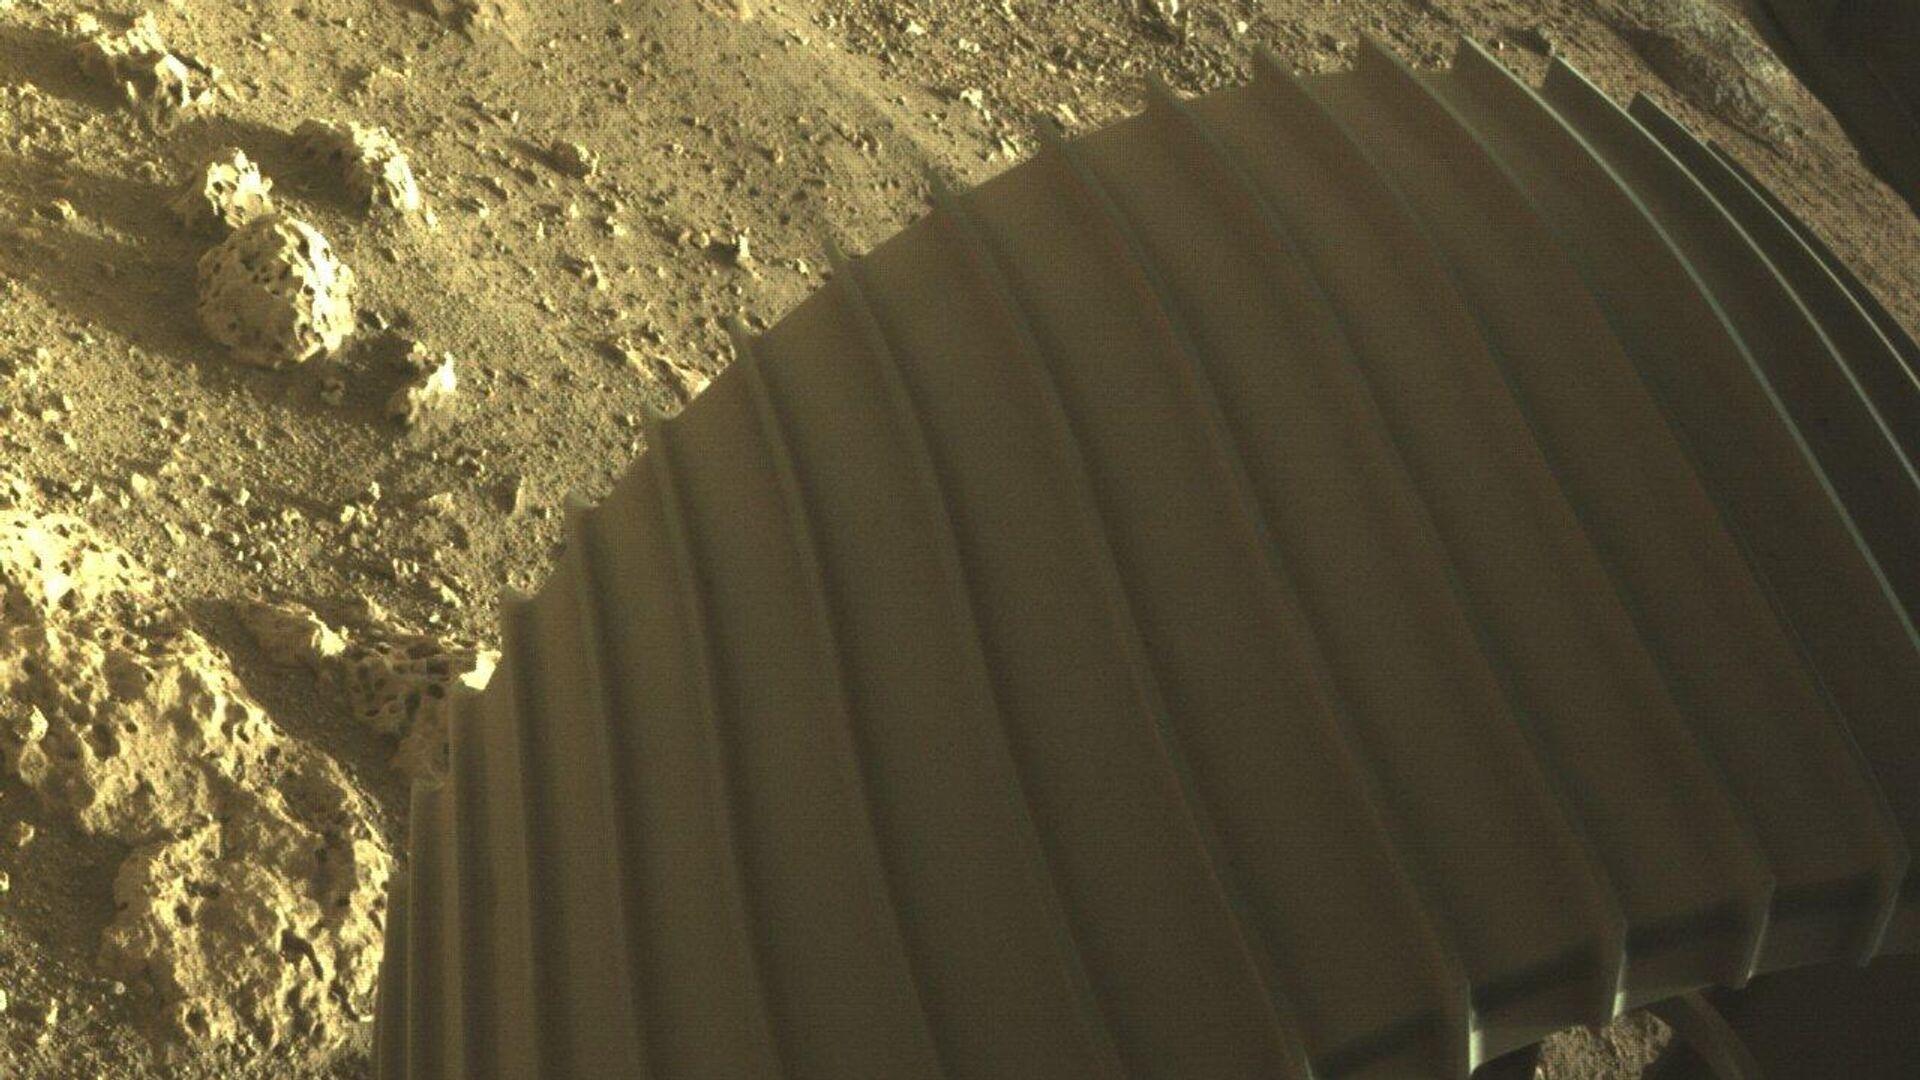 Фотографии, снятые исследовательским аппаратом NASA's Perseverance Mars Rover, который совершил посадку на Марсе в ночь на 19 февраля - РИА Новости, 1920, 21.02.2021